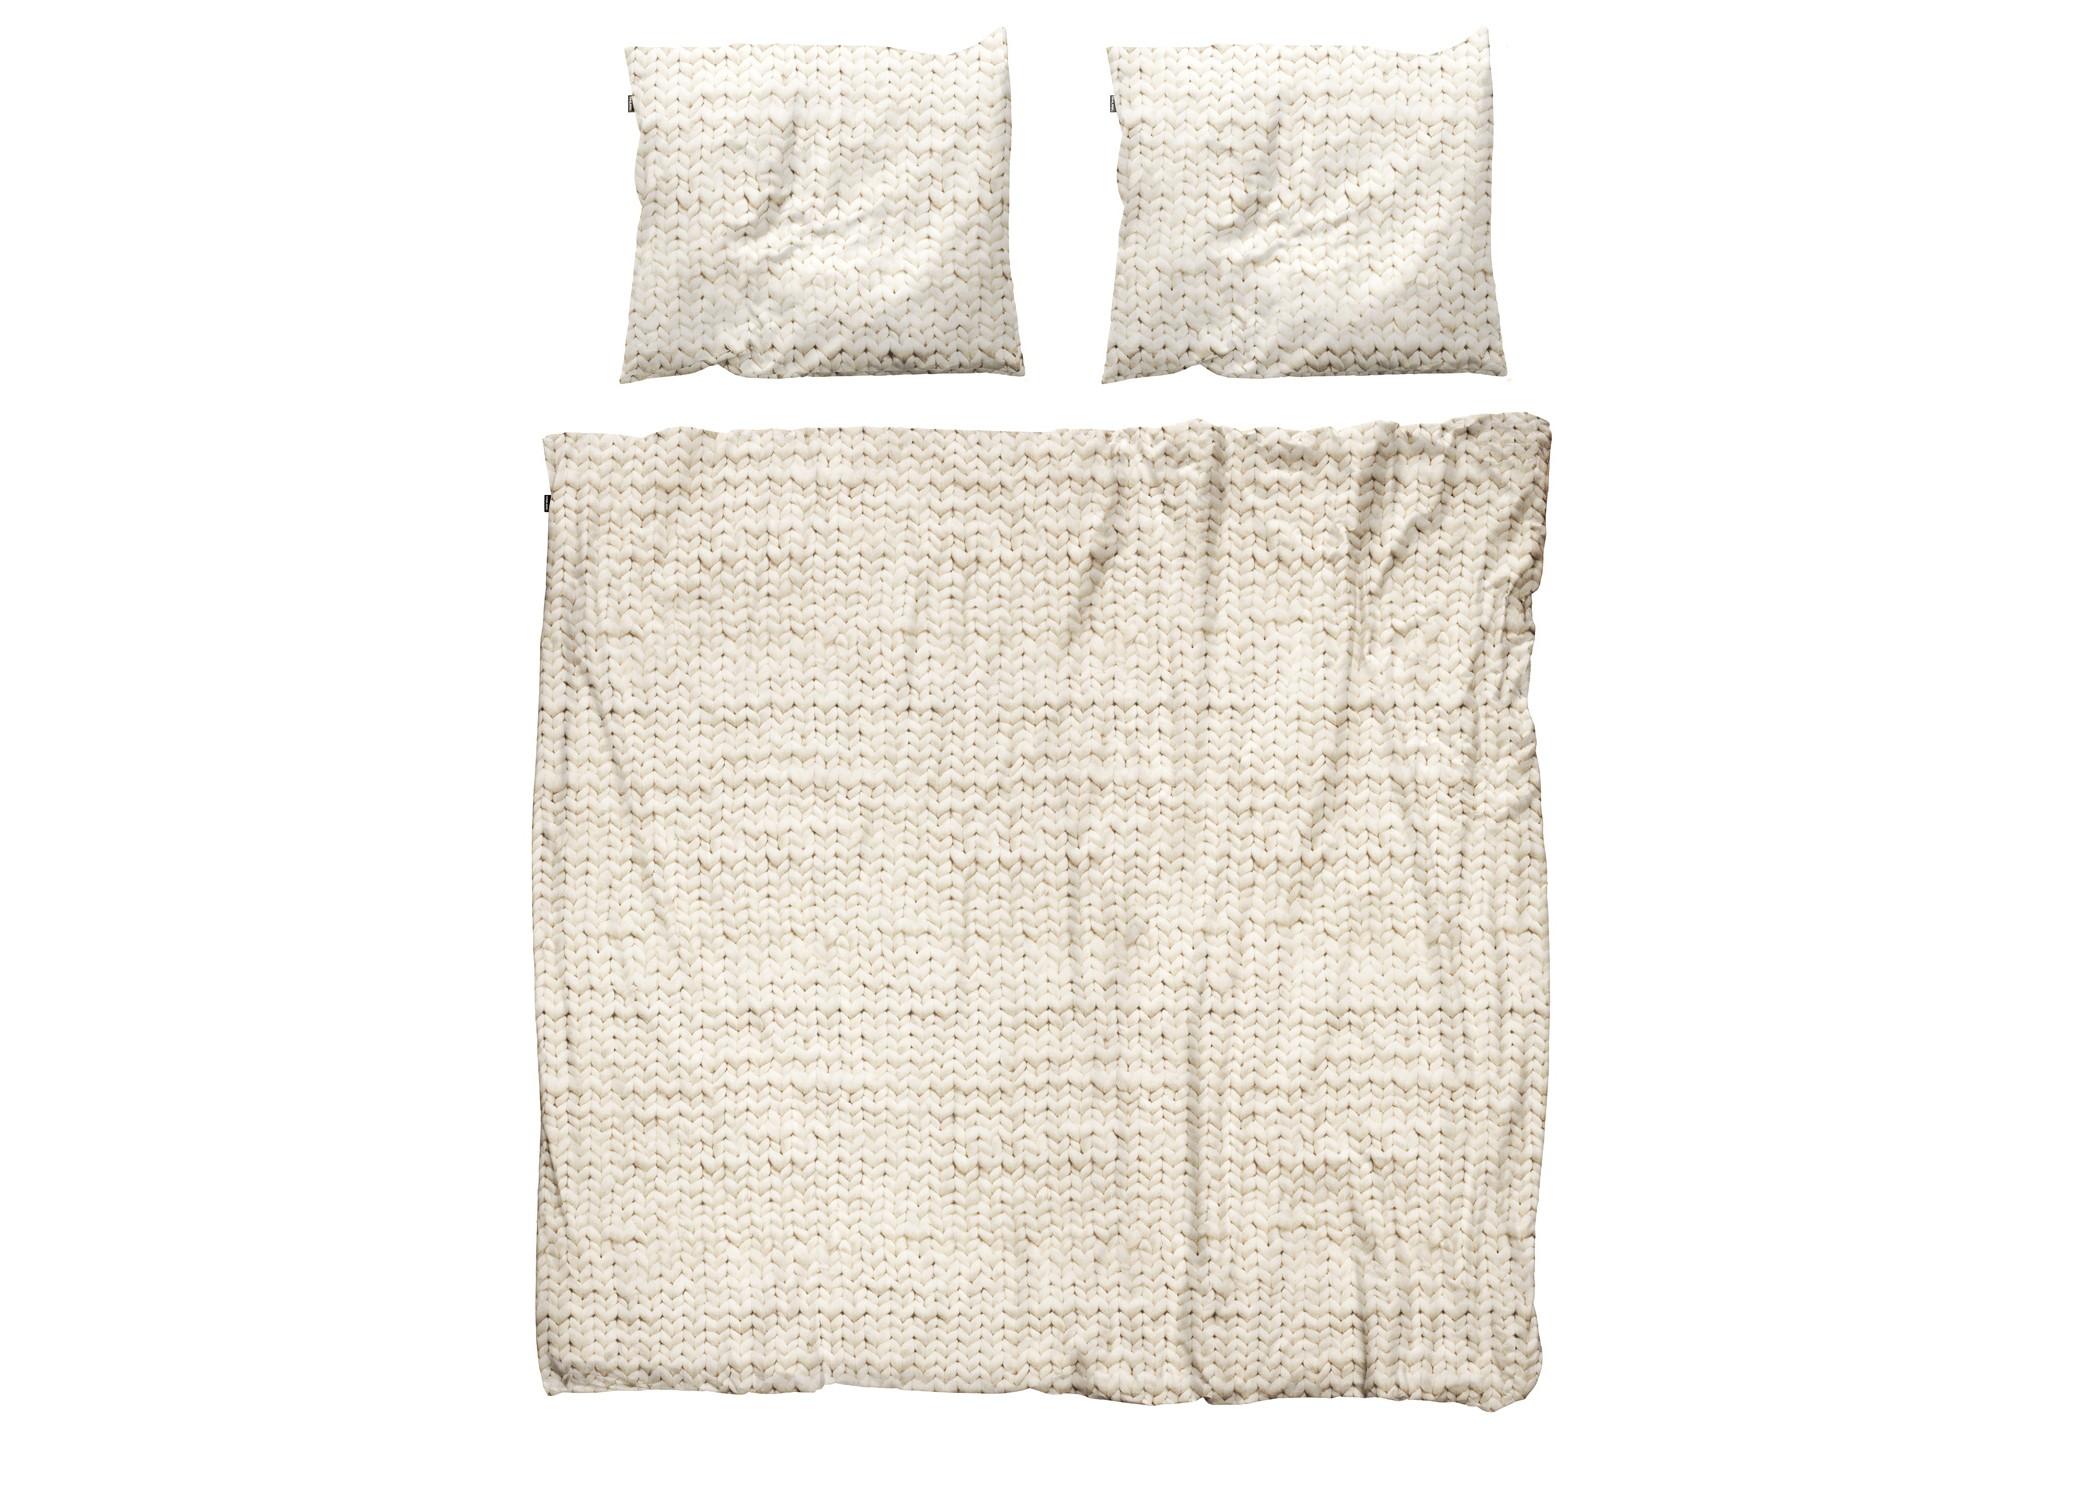 Комплект постельного белья Косичка бежевыйДвуспальные комплекты постельного белья<br>Этот мягкий узор связан очень большими спицами, а клубки шерсти были размером с баскетбольные мячи. Все для того, чтобы внести уют и тепло в вашу спальню в холодные зимние ночи.&amp;amp;nbsp;&amp;lt;div&amp;gt;&amp;lt;br&amp;gt;&amp;lt;/div&amp;gt;&amp;lt;div&amp;gt;Материал: 100% хлопок ПЕРКАЛЬ (плотность ткани 214г/м2).&amp;lt;div&amp;gt;&amp;lt;span style=&amp;quot;line-height: 1.78571;&amp;quot;&amp;gt;В комплект входит: пододеяльник 200х220см - 1 шт, наволочка 50х70см - 2 шт.&amp;lt;/span&amp;gt;&amp;lt;br&amp;gt;&amp;lt;/div&amp;gt;&amp;lt;/div&amp;gt;<br><br>Material: Хлопок<br>Ширина см: 200